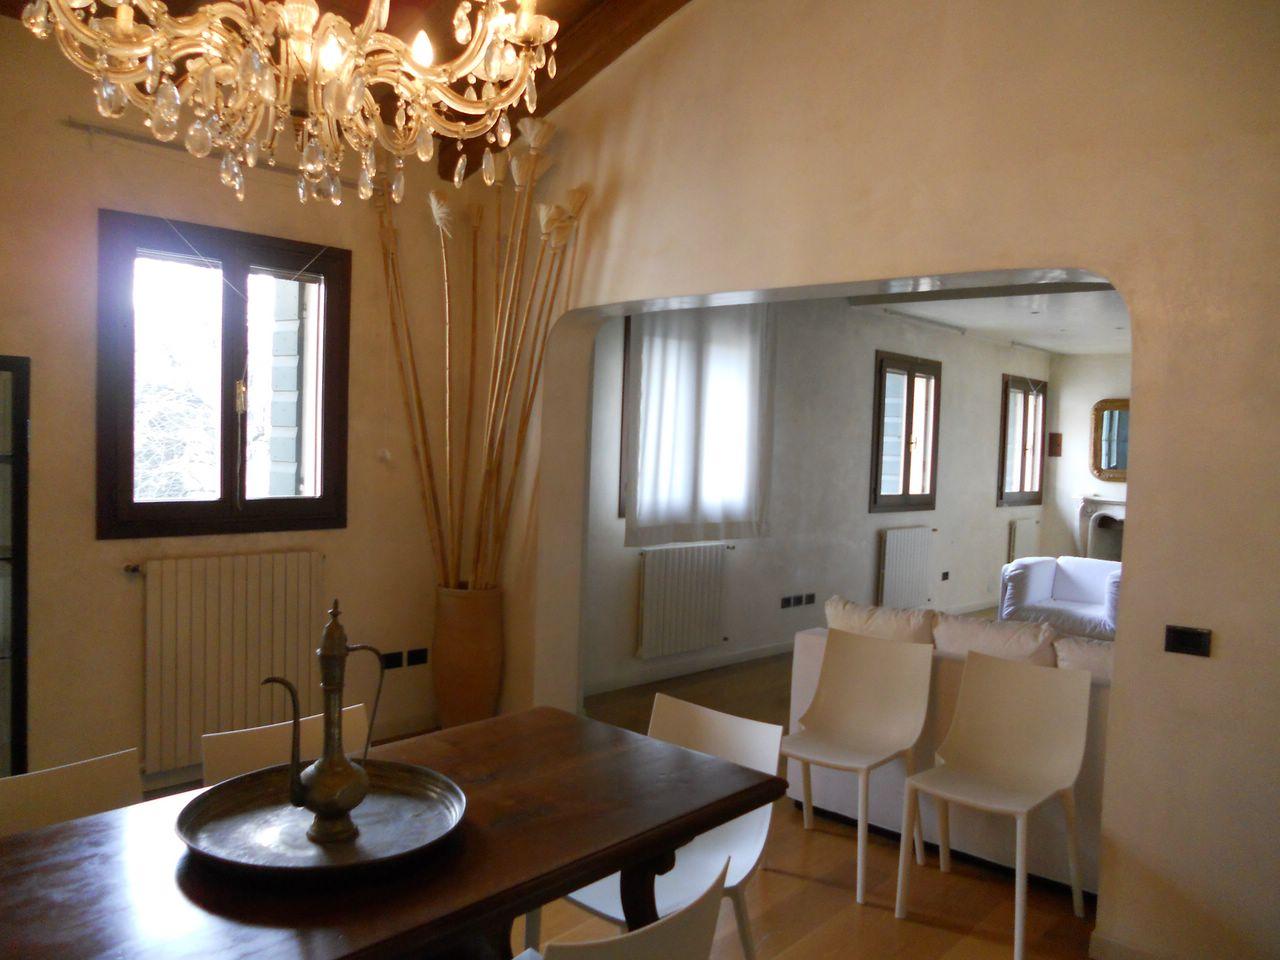 Attico / Mansarda in affitto a Treviso, 5 locali, zona Località: Centrostorico, prezzo € 1.950 | Cambio Casa.it